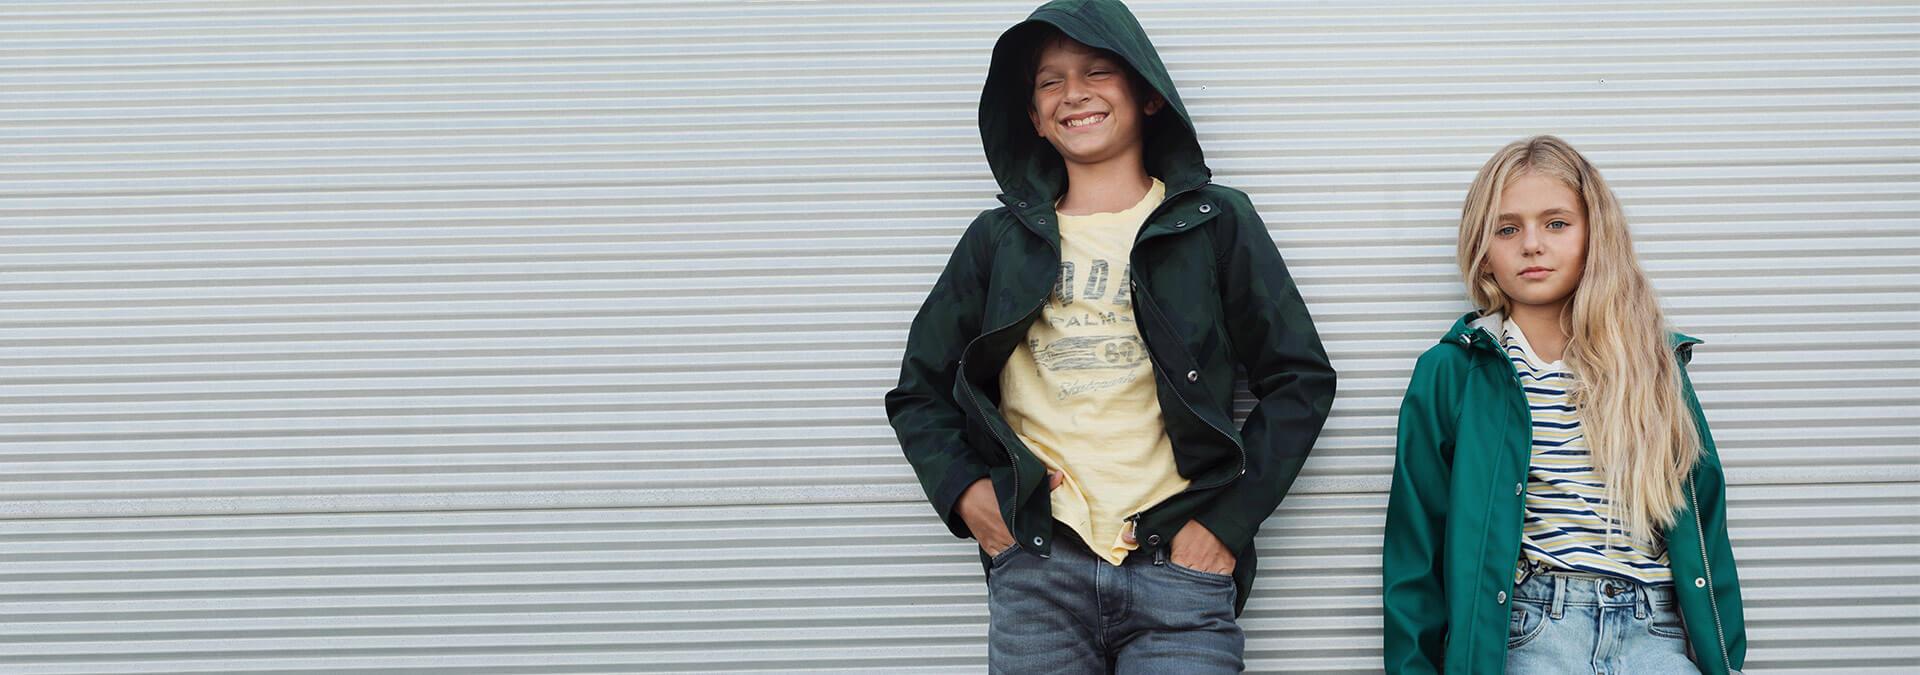 junior raincoats